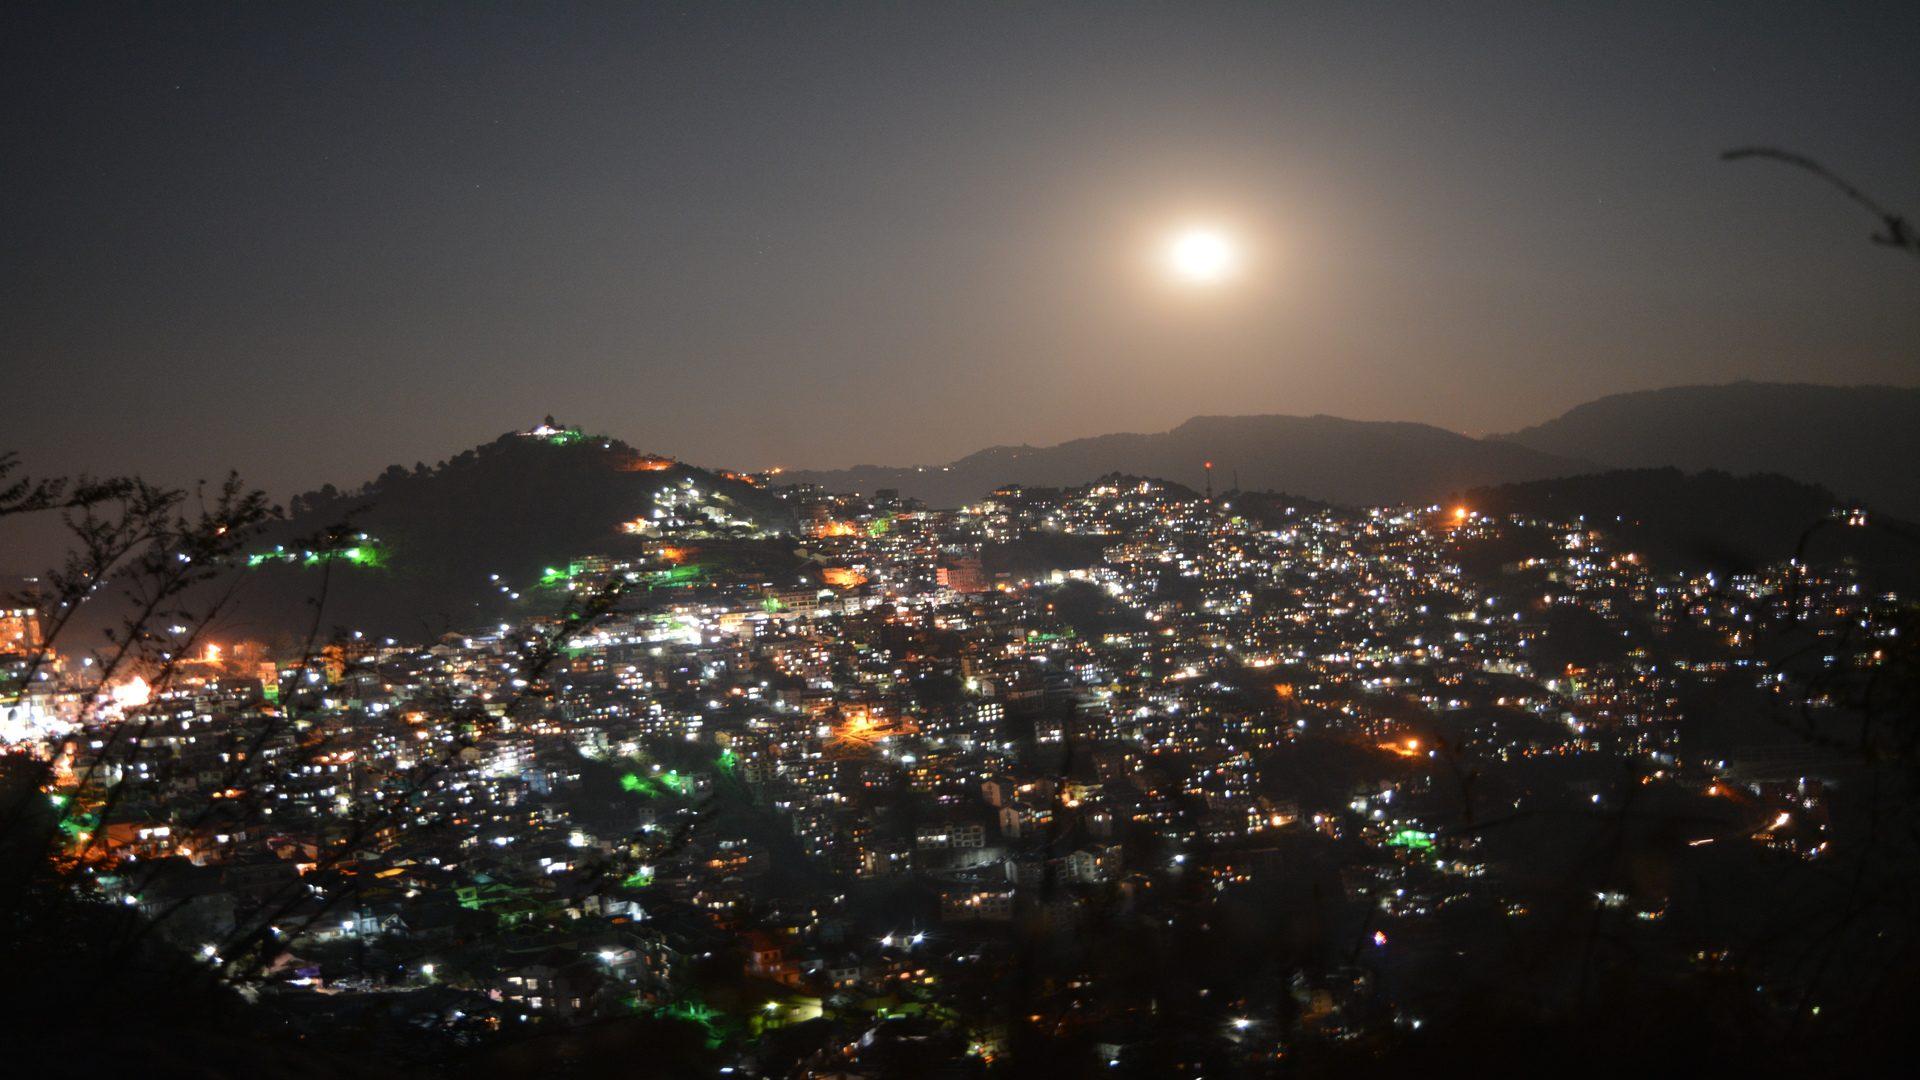 Night view of Shimla Full moon